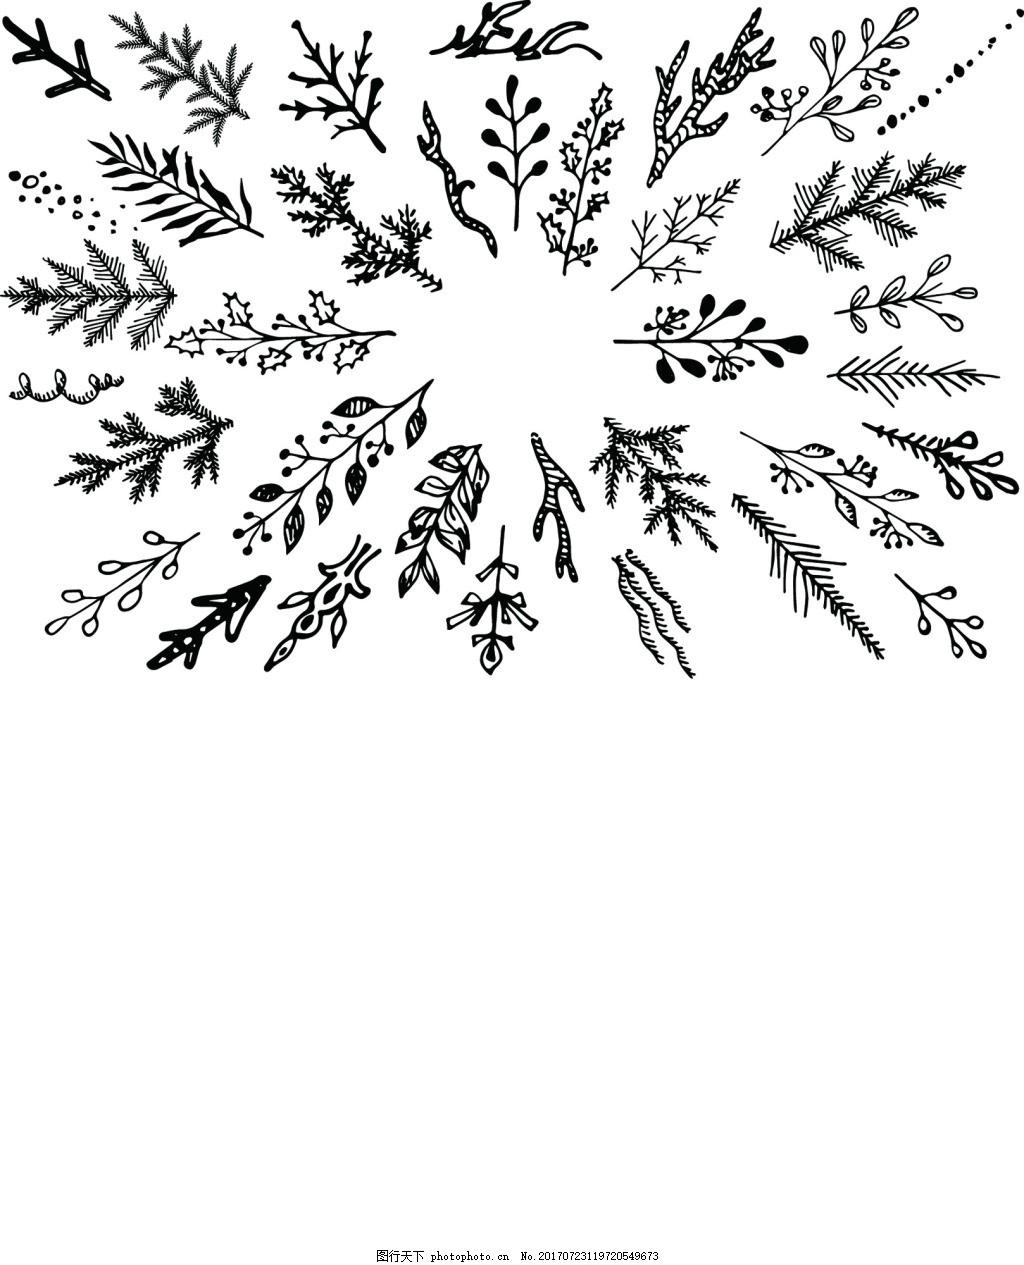 圣诞节树枝横幅装饰素材 黑白线条 藤条 黑色 植物 节日 礼盒卡片